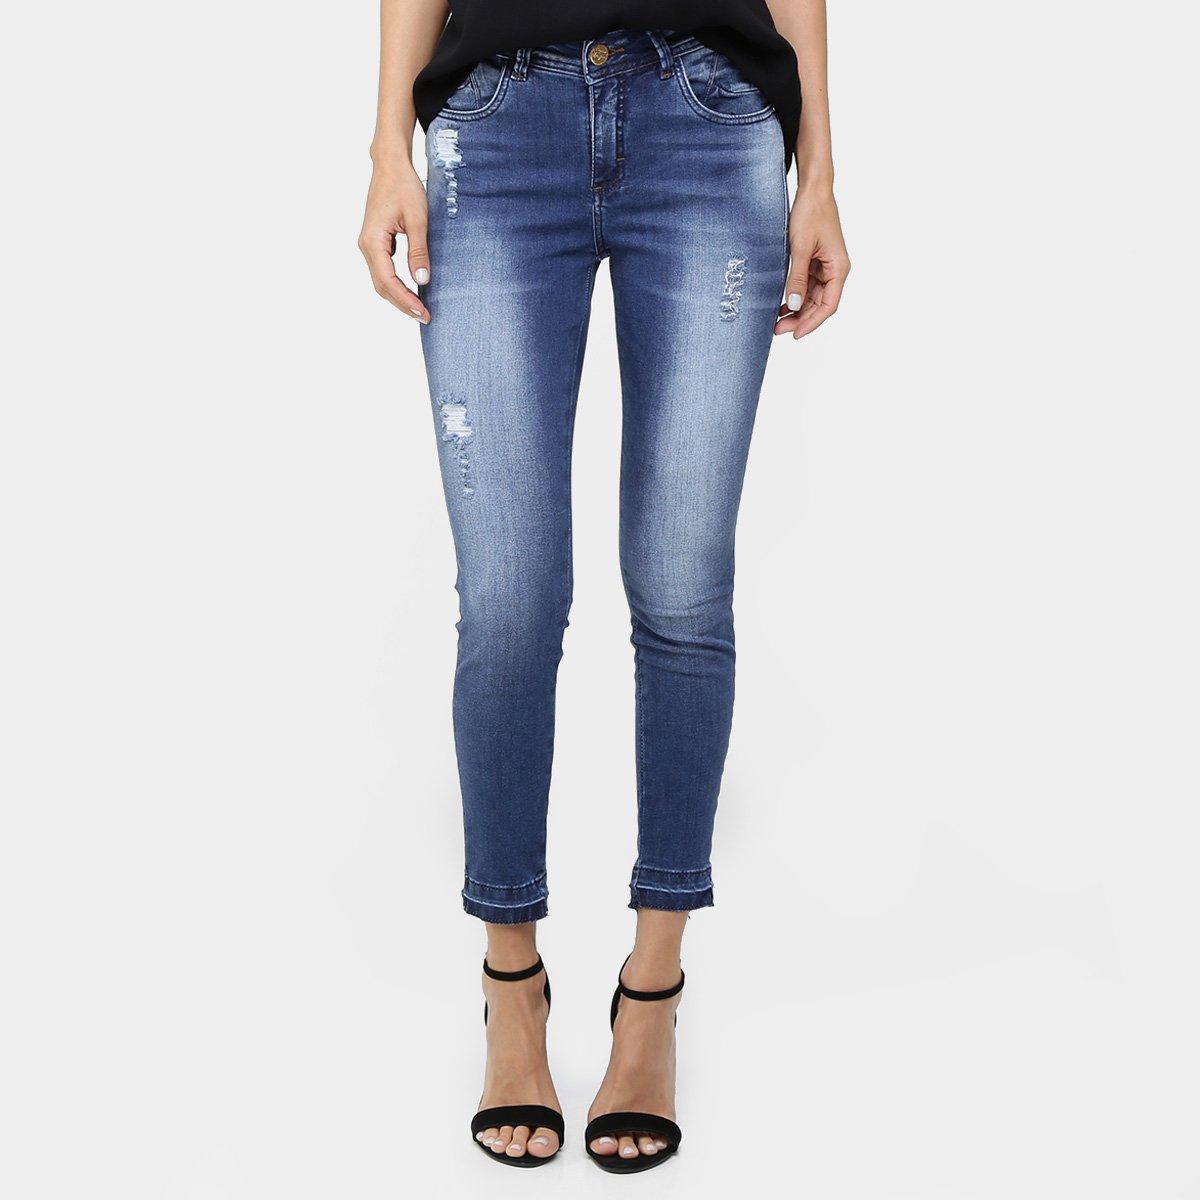 5cc3aee71 Calça Jeans Uber Skinny Estonada Com Barra Desfiada - Compre Agora | Zattini